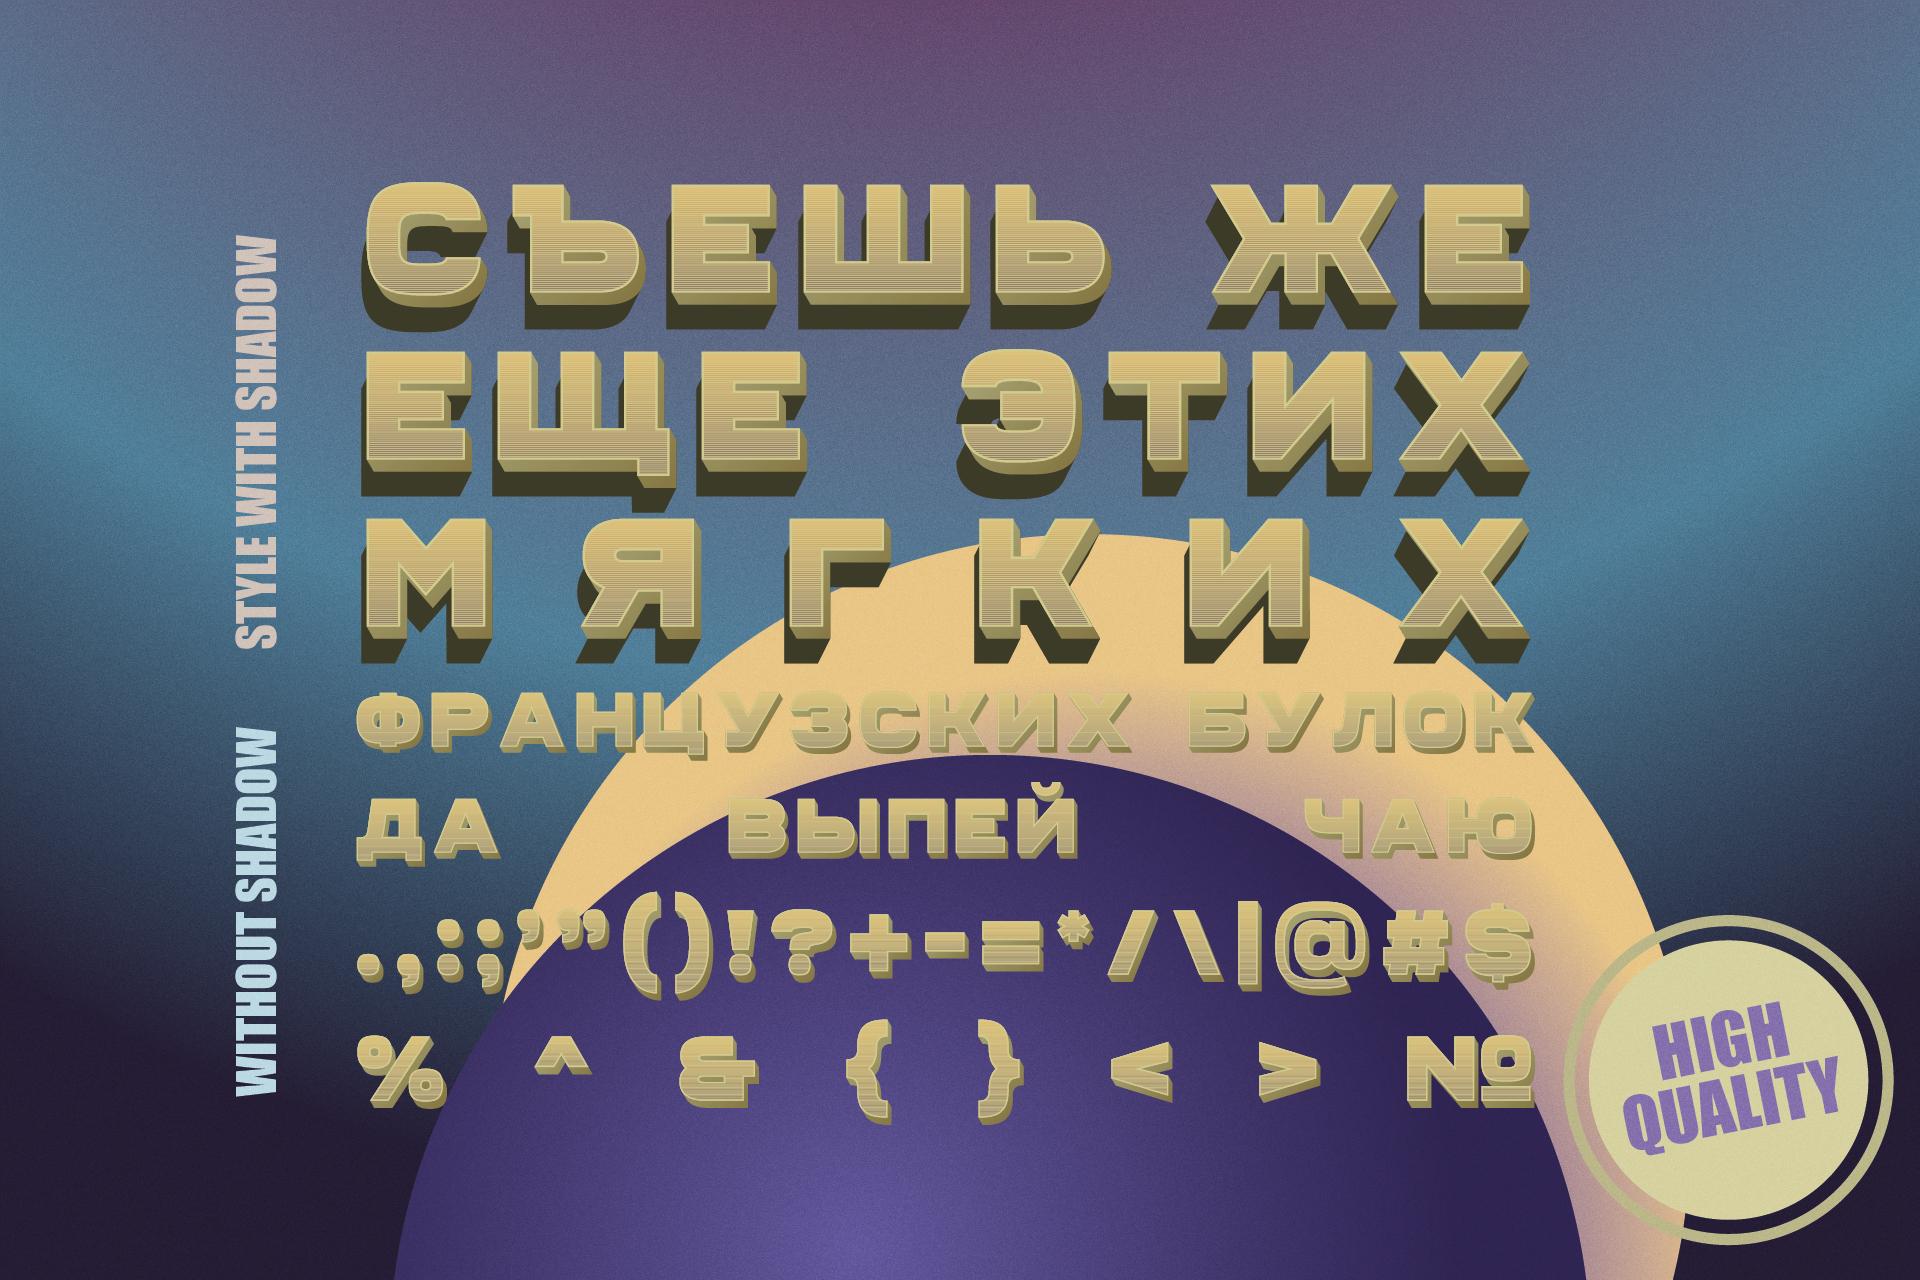 Fairbanks - sans serif color font example image 4